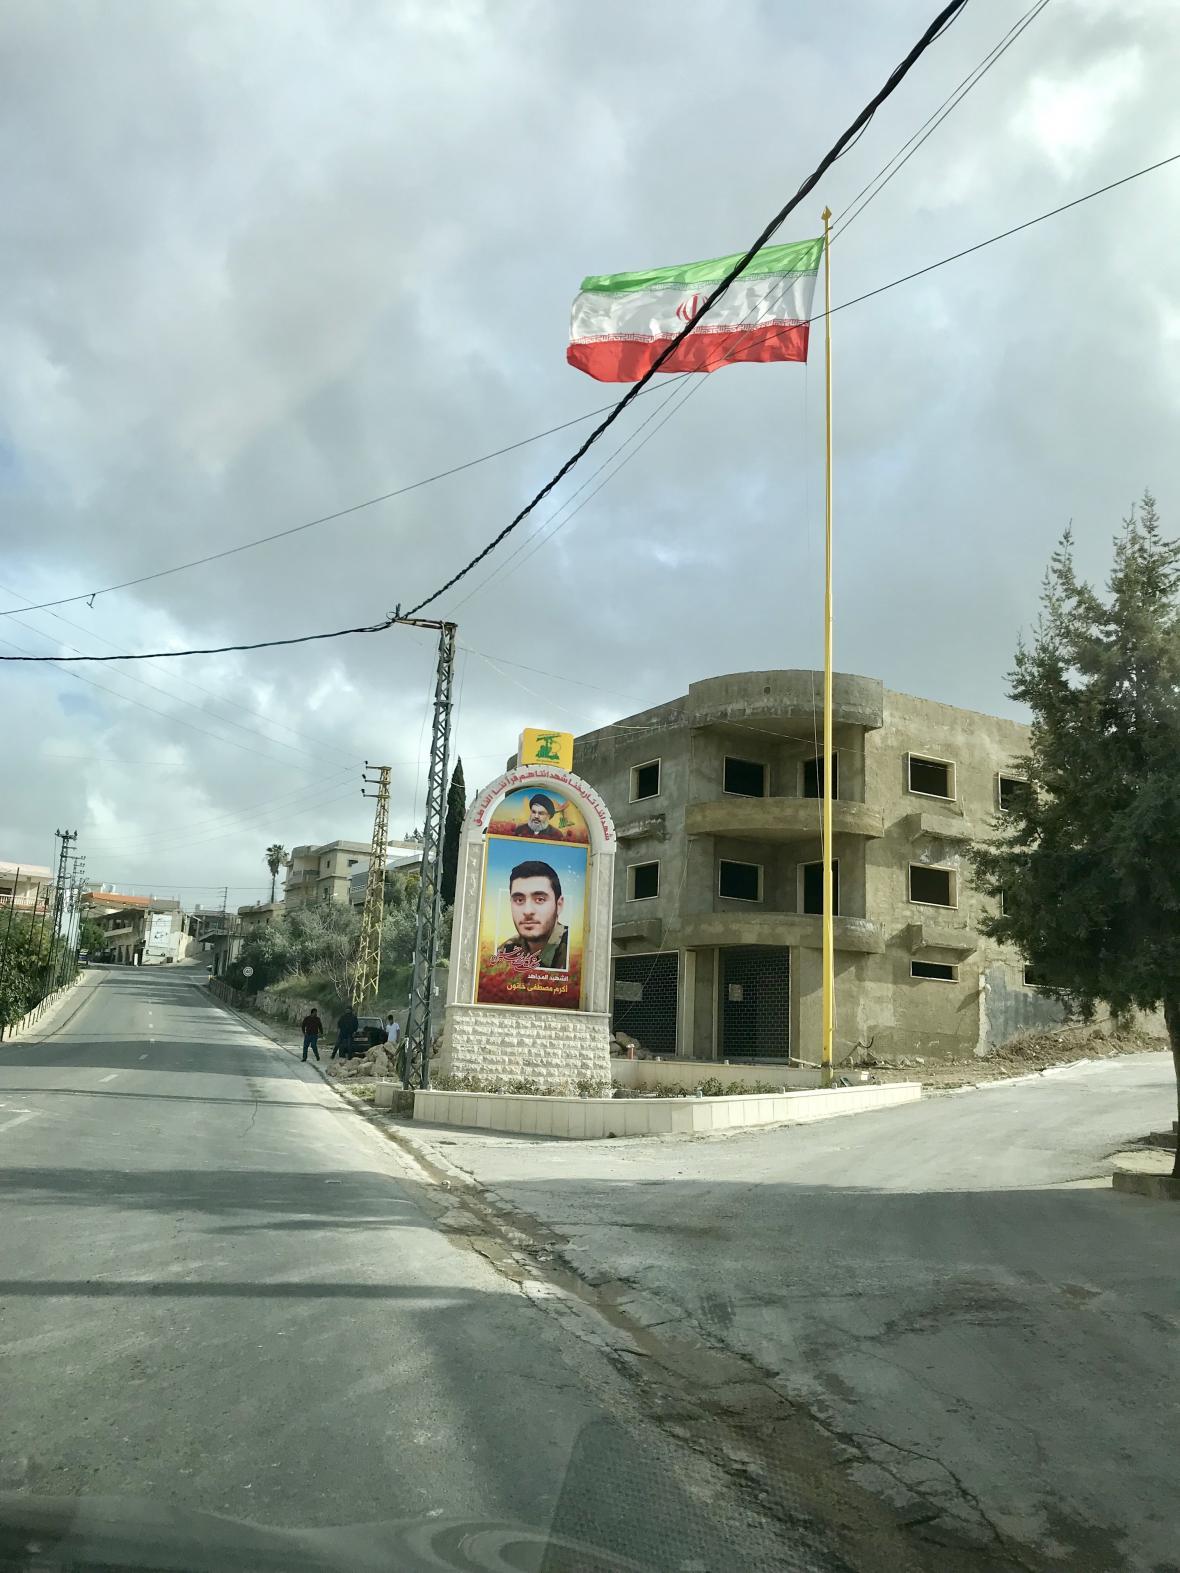 Na jihu Libanonu často vlají íránské vlajky